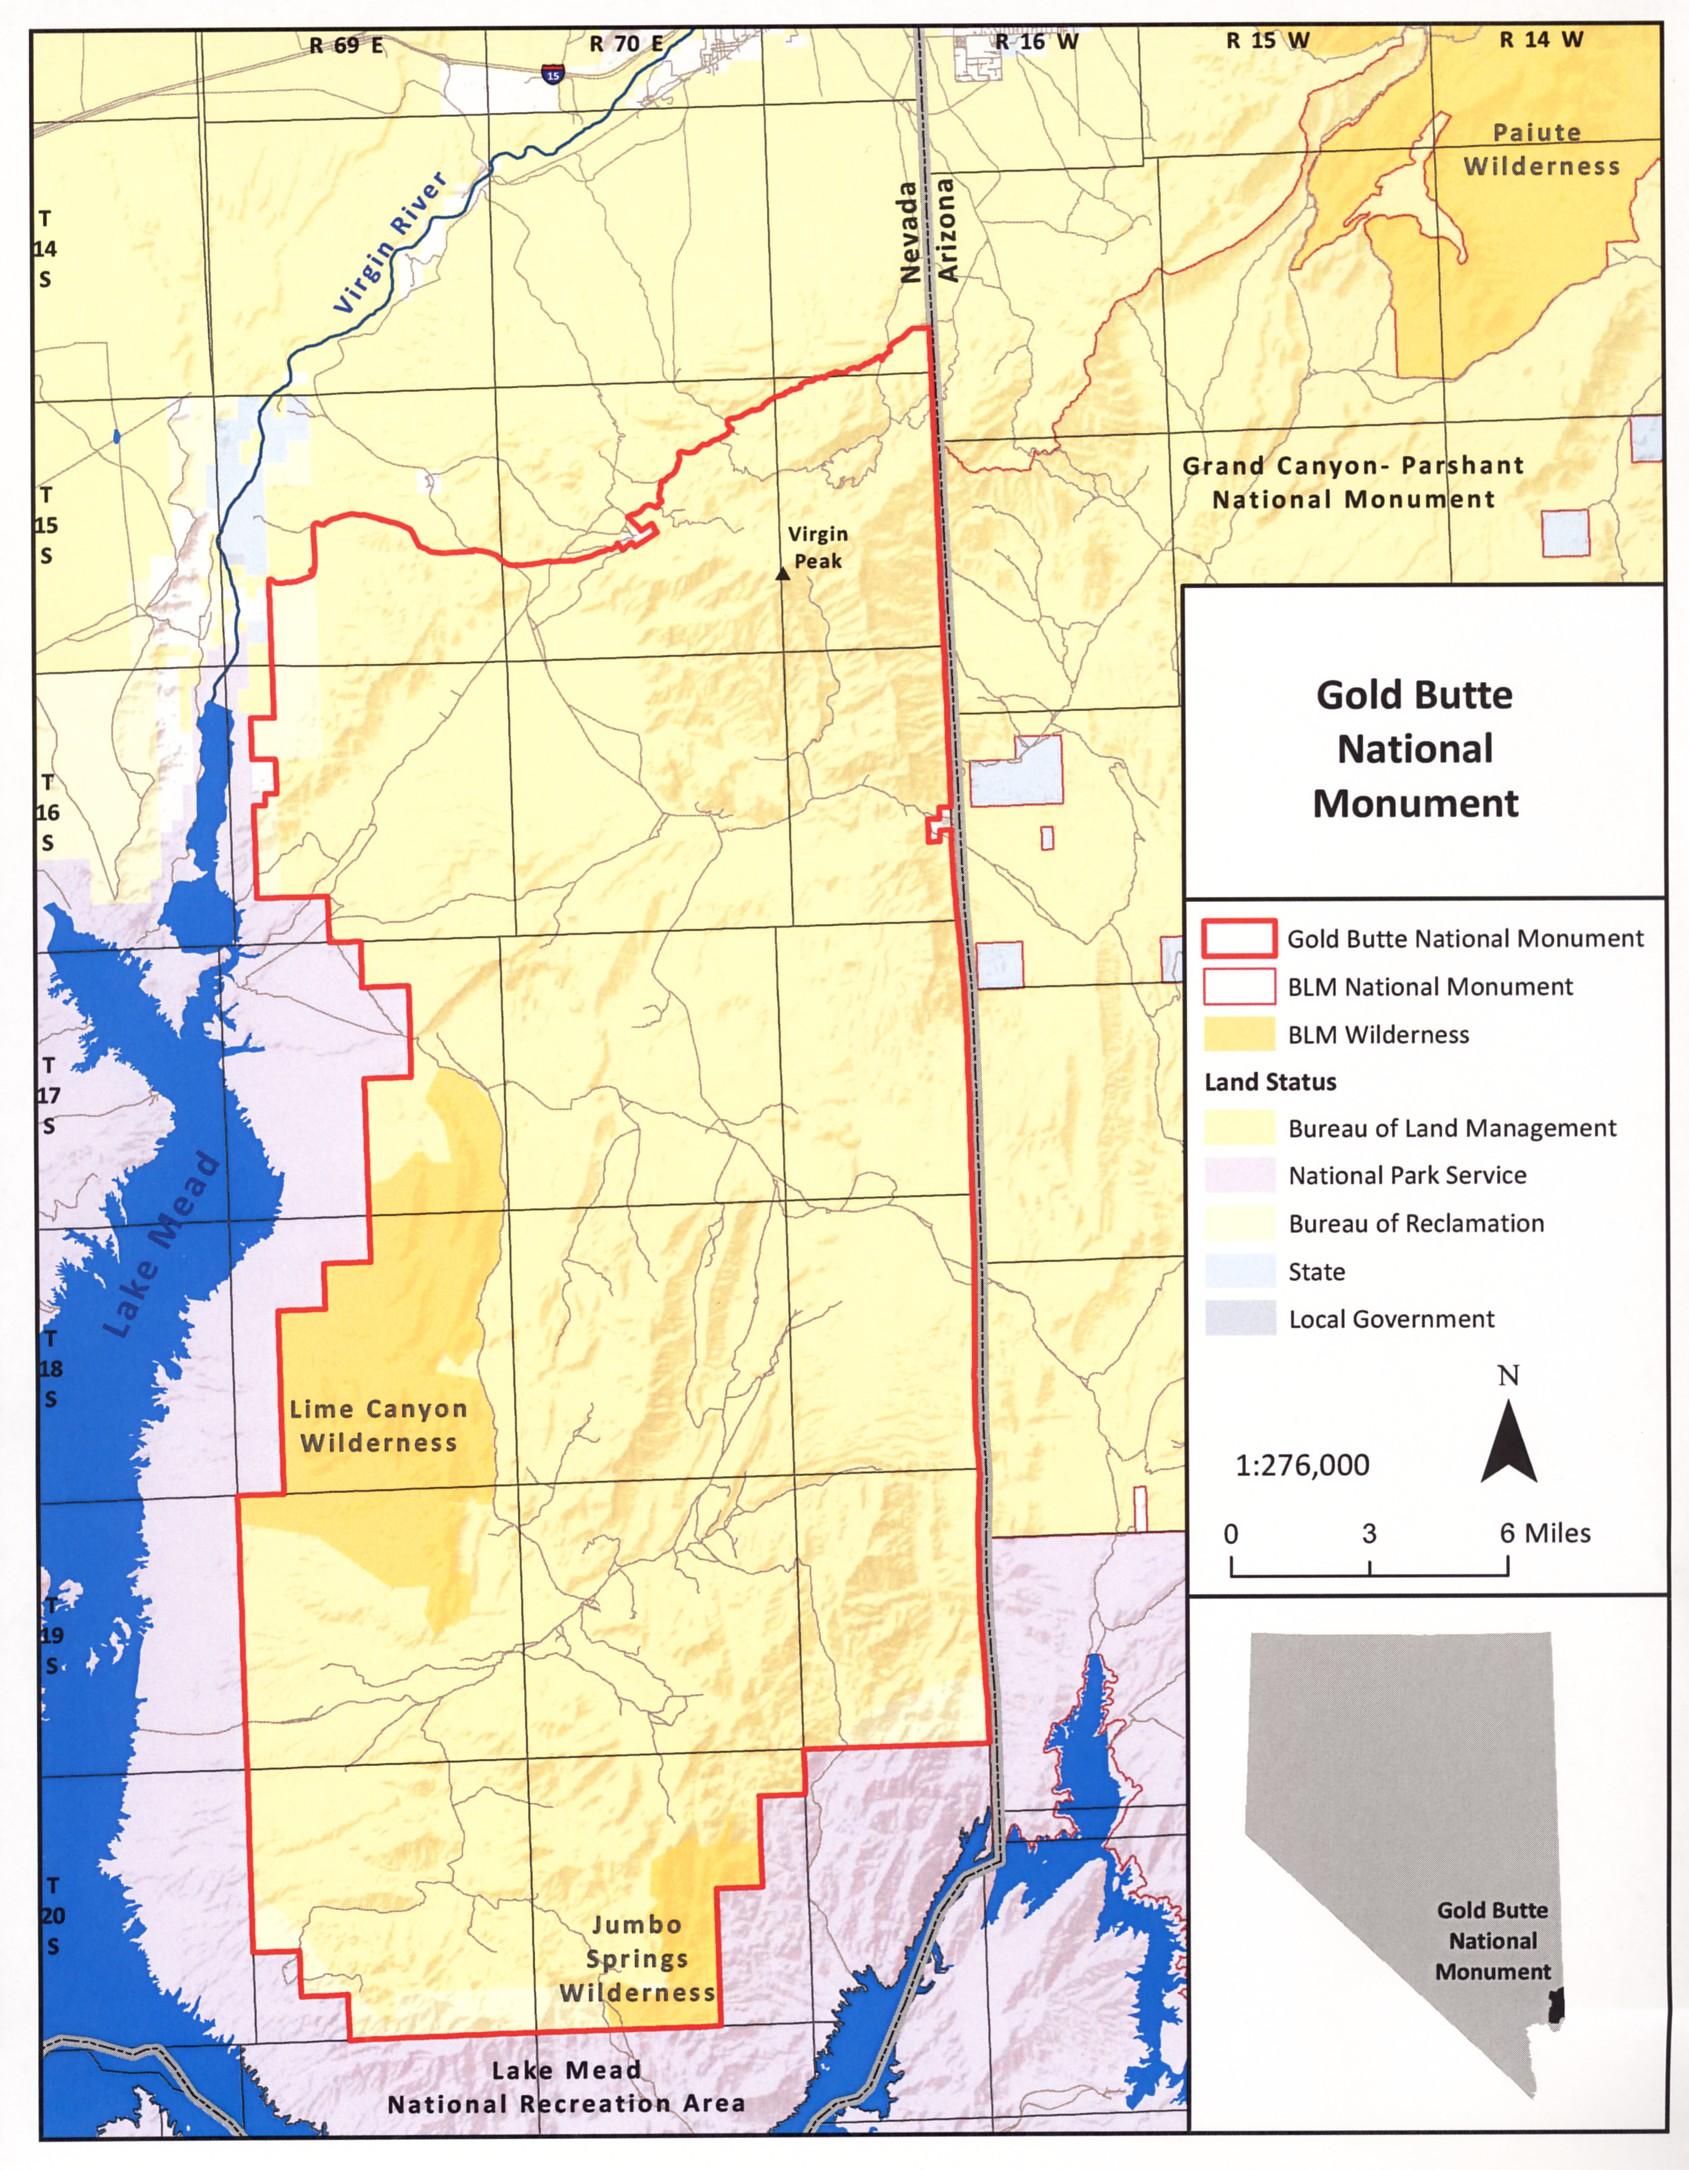 Washington County Maps and Charts